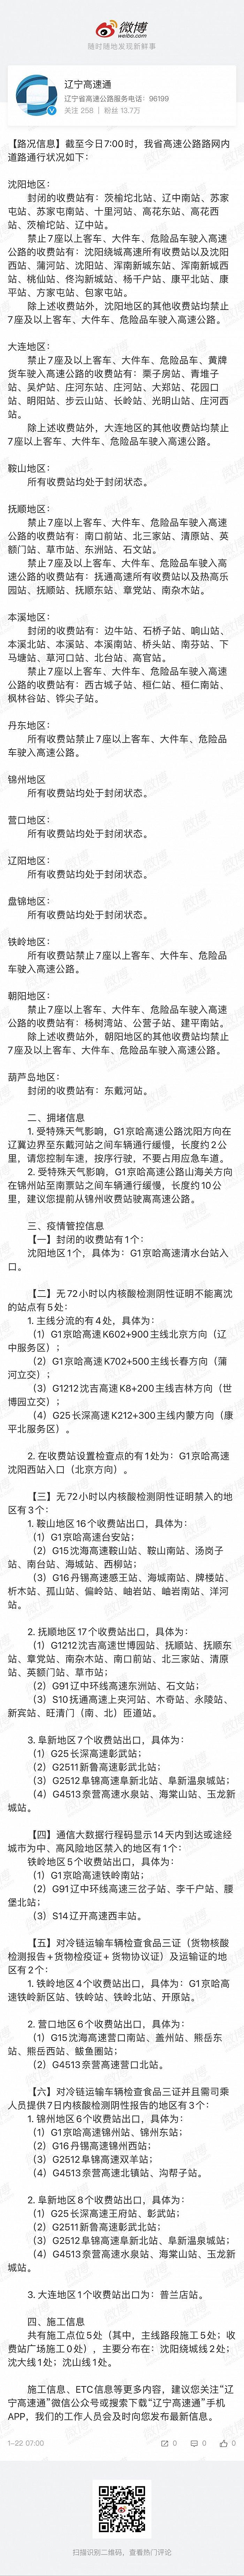 辽宁省高速公路:鞍山、锦州、营口、辽阳、盘锦地区所有收费站均处于封闭状态